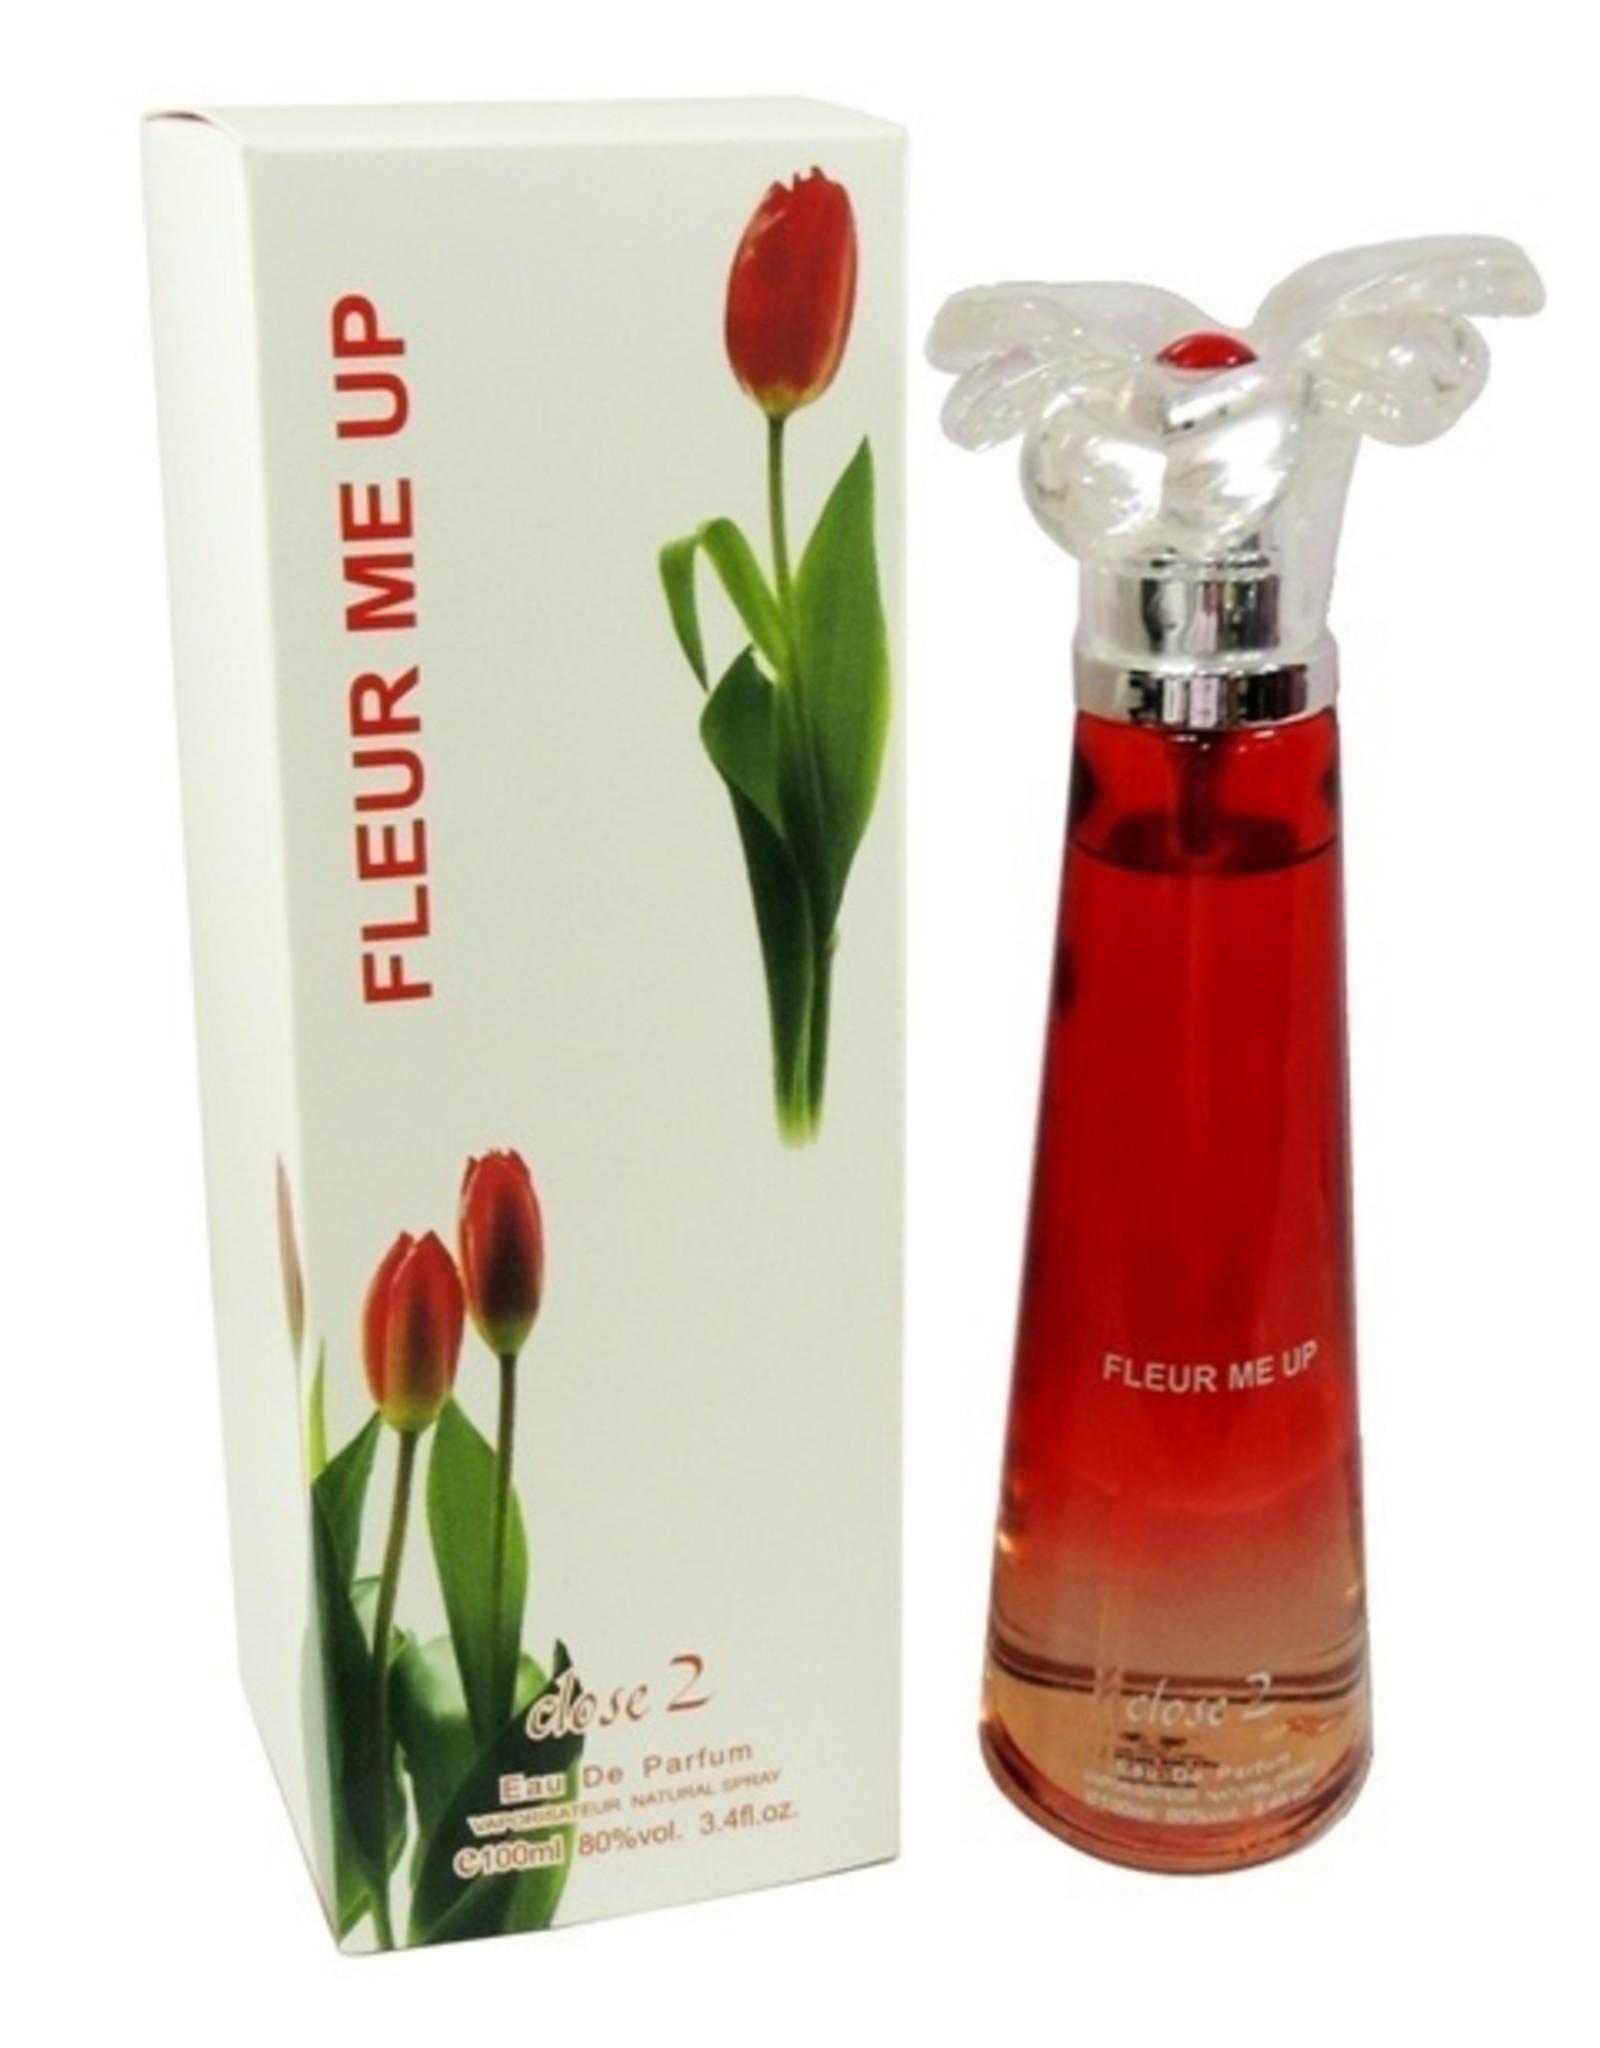 Close 2 parfums Fleur me up EDP 100 ml